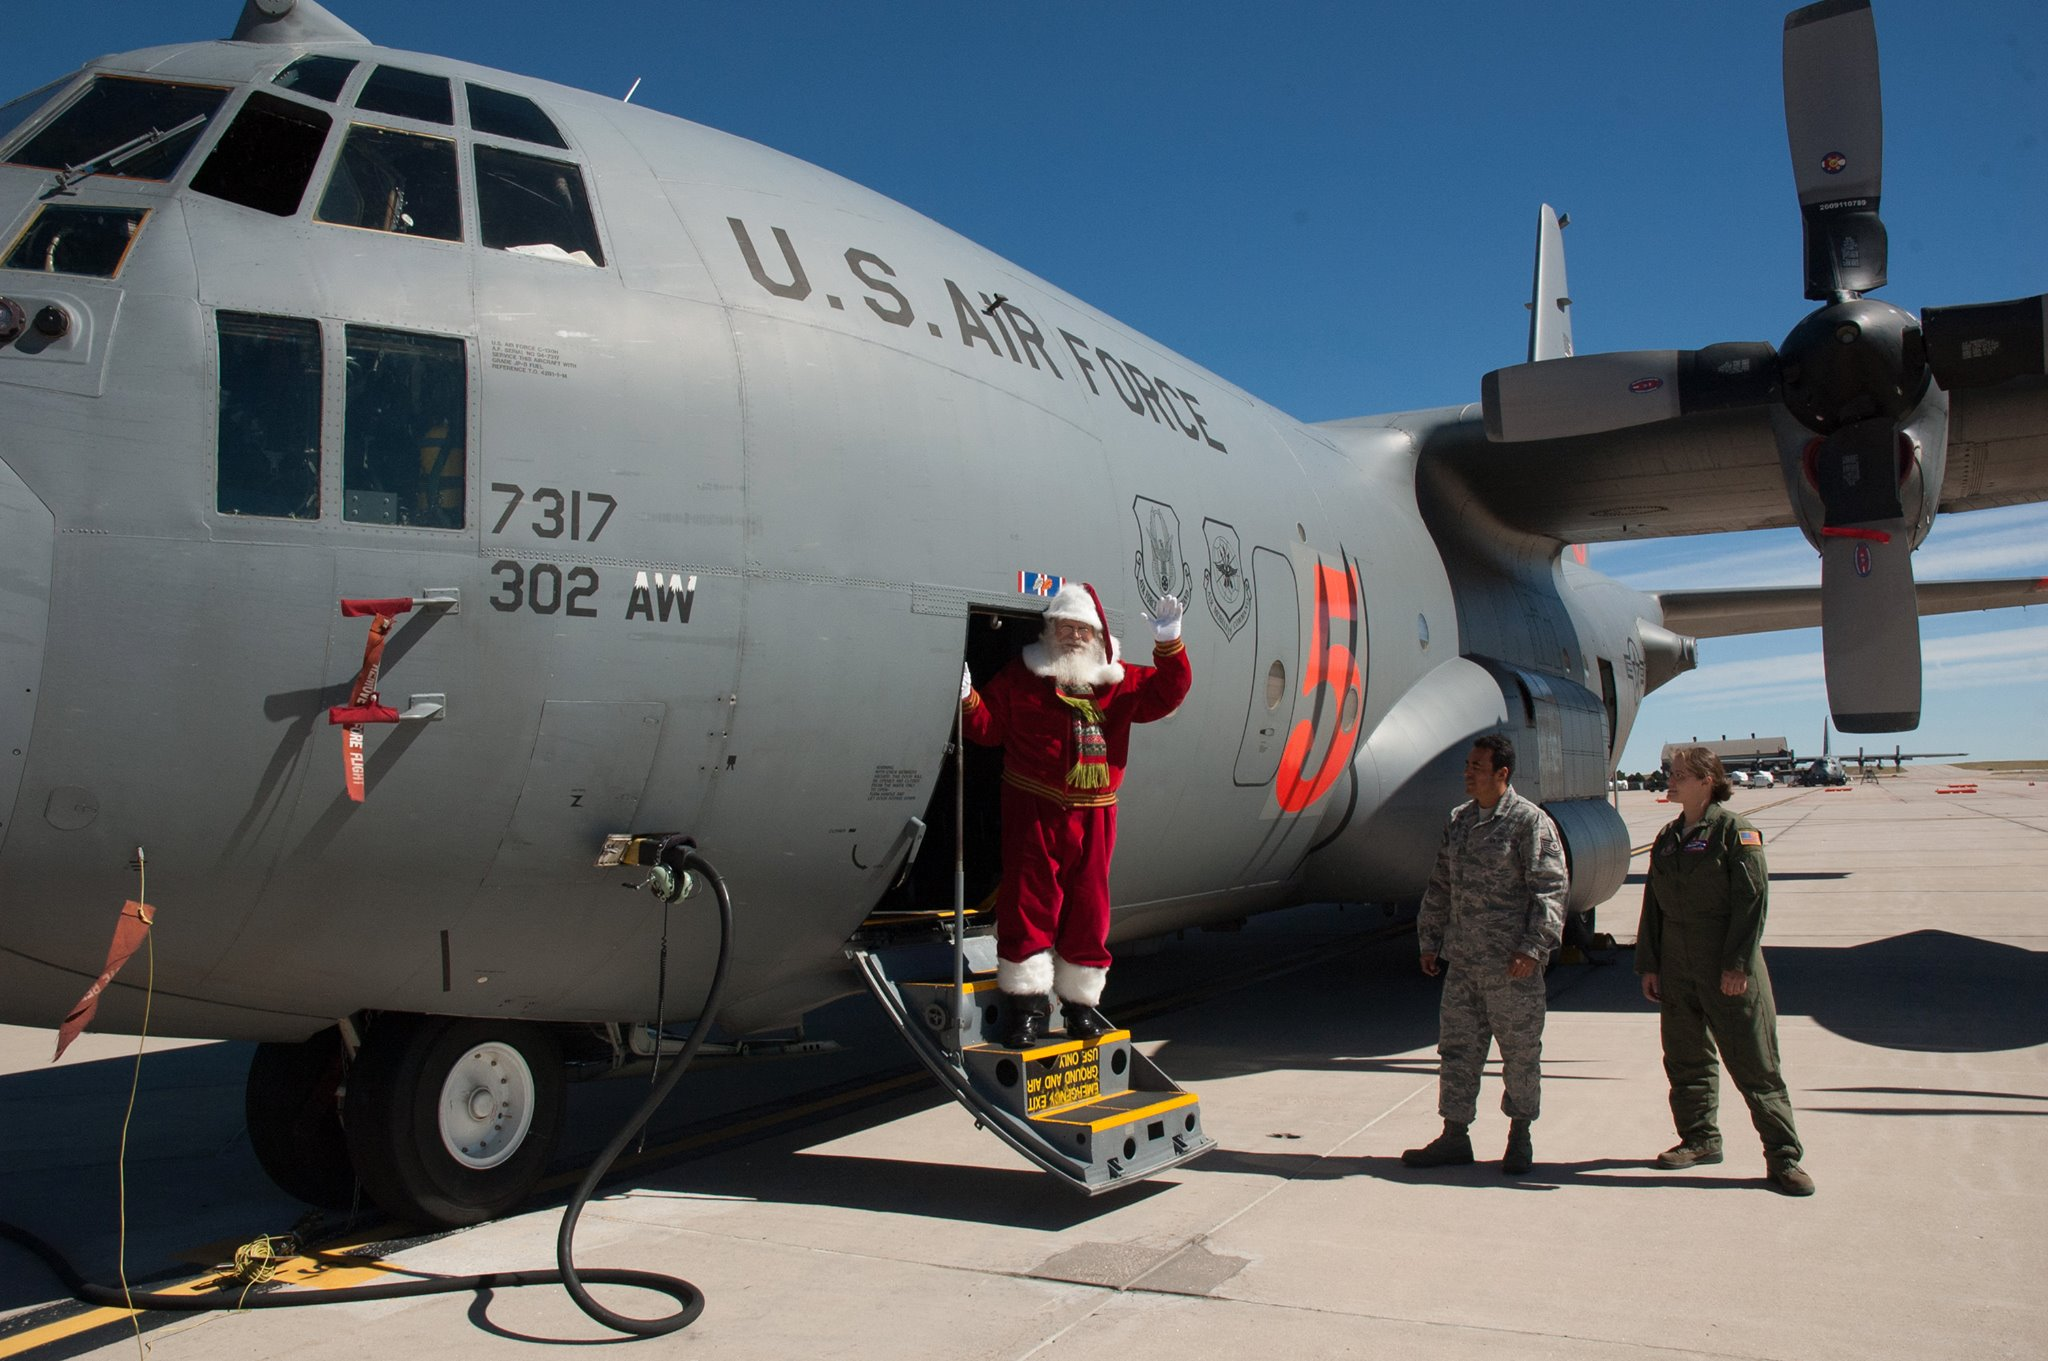 santa-on-norad-cargo-plane Санта-гийн аялалыг хэн ч хязгаарлахгүй